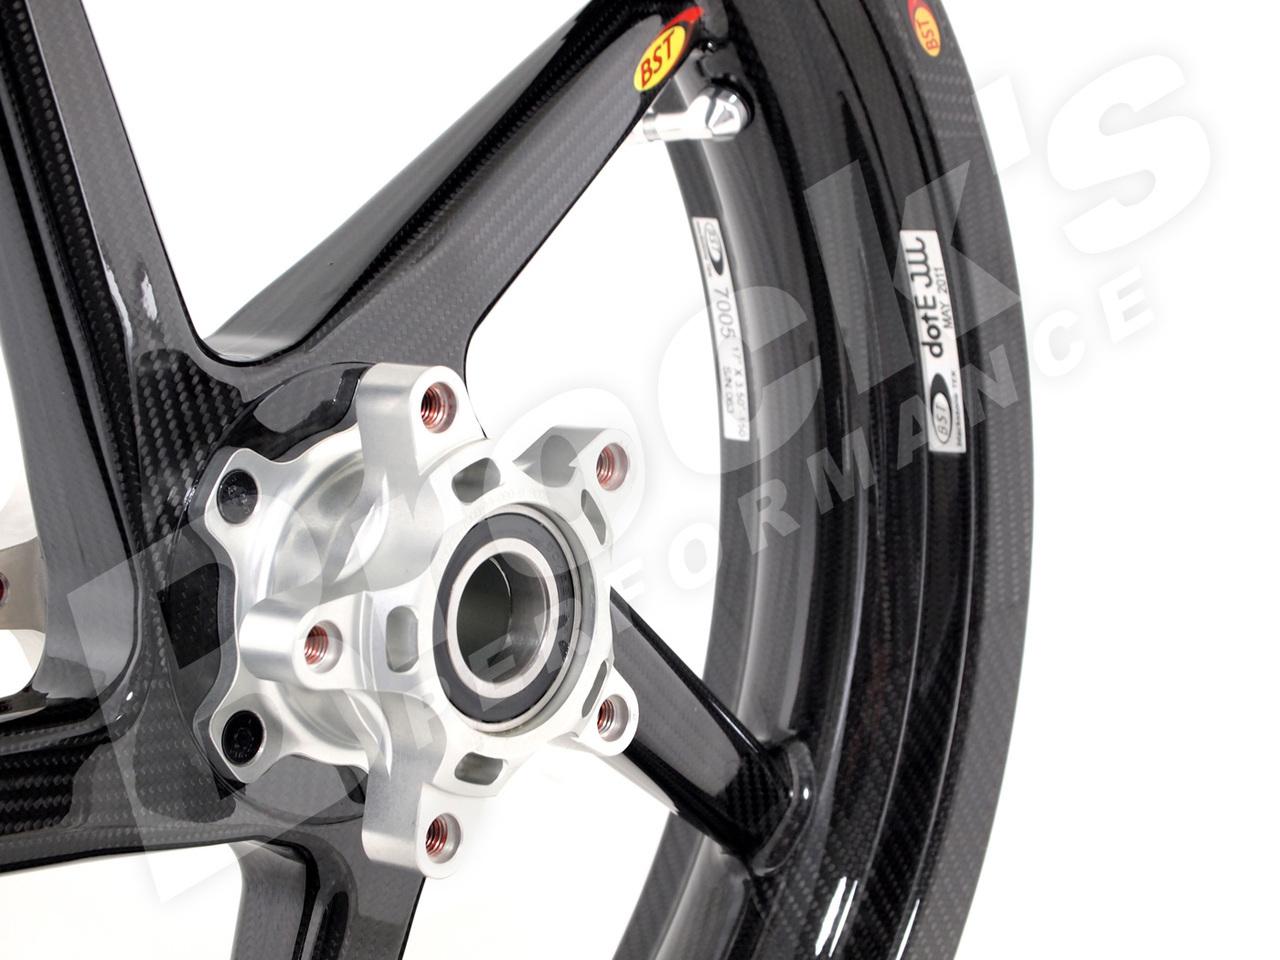 BST Diamond TEK 17 x 3.5 R+ Series Front Wheel - Suzuki Hayabusa (99-07) / GSX-R750 (96-99) / GSX-R600 (97-03)